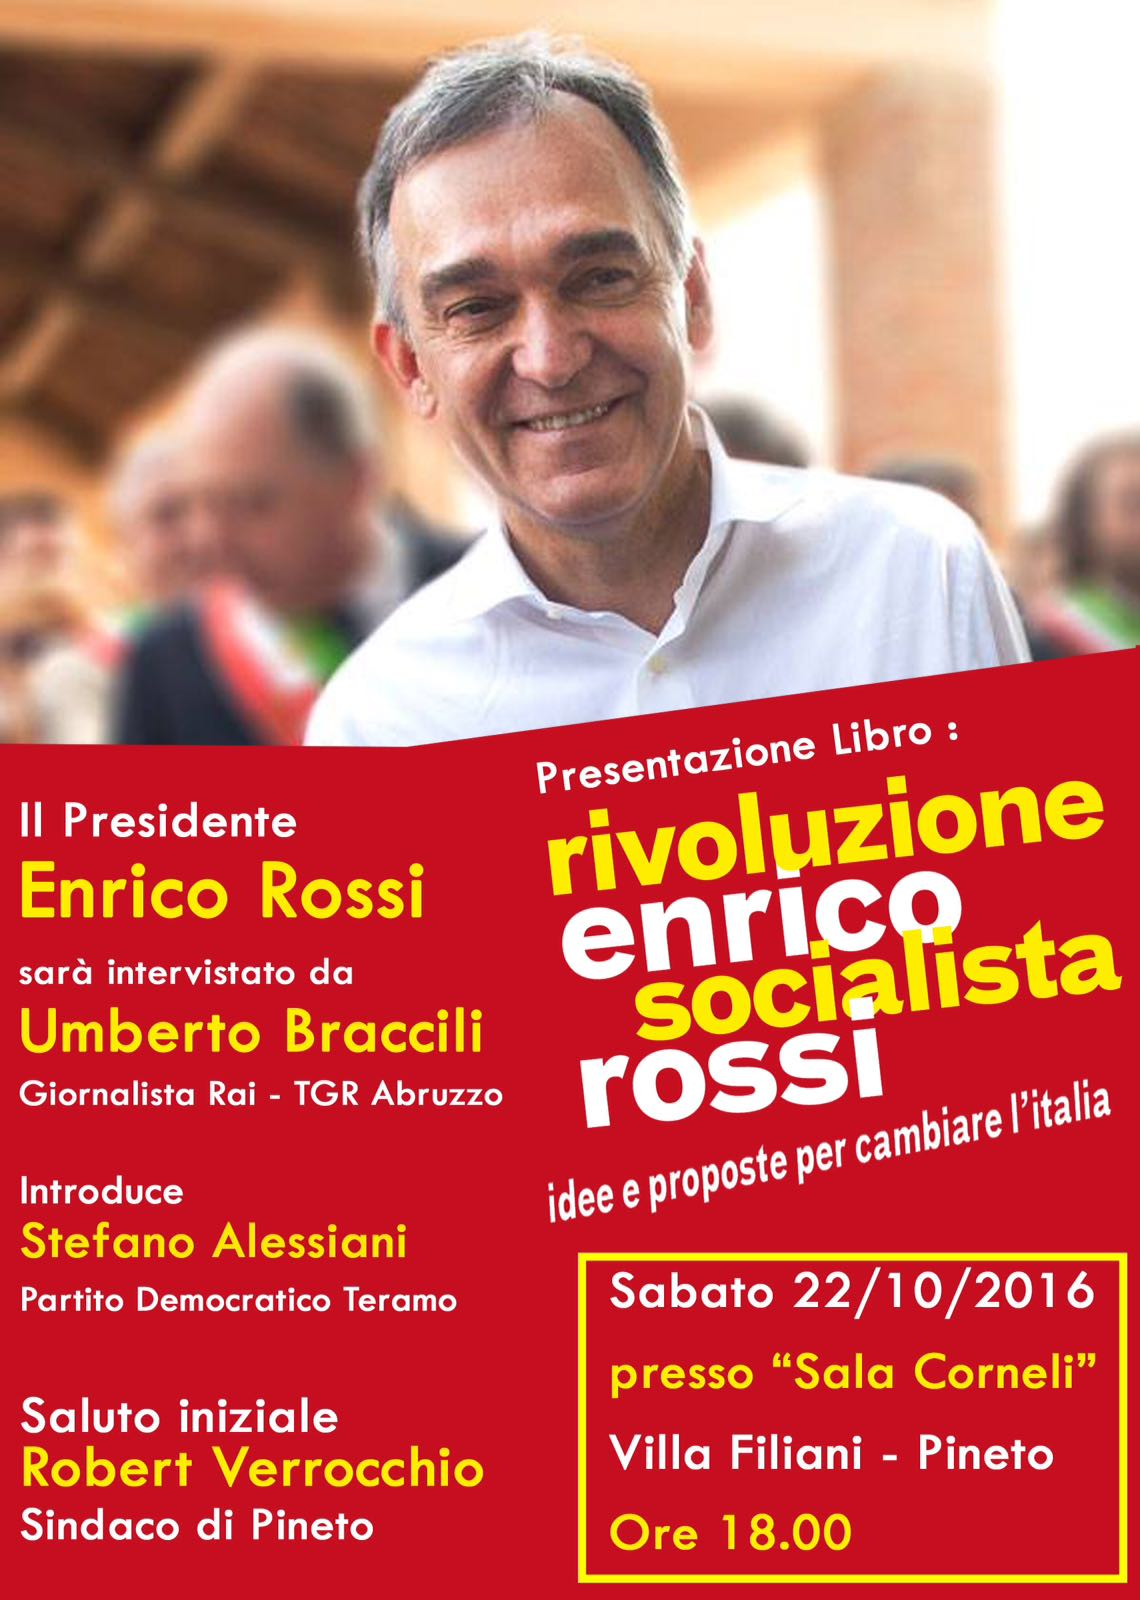 Rivoluzione Socialista, Enrico Rossi presenta il suo libro